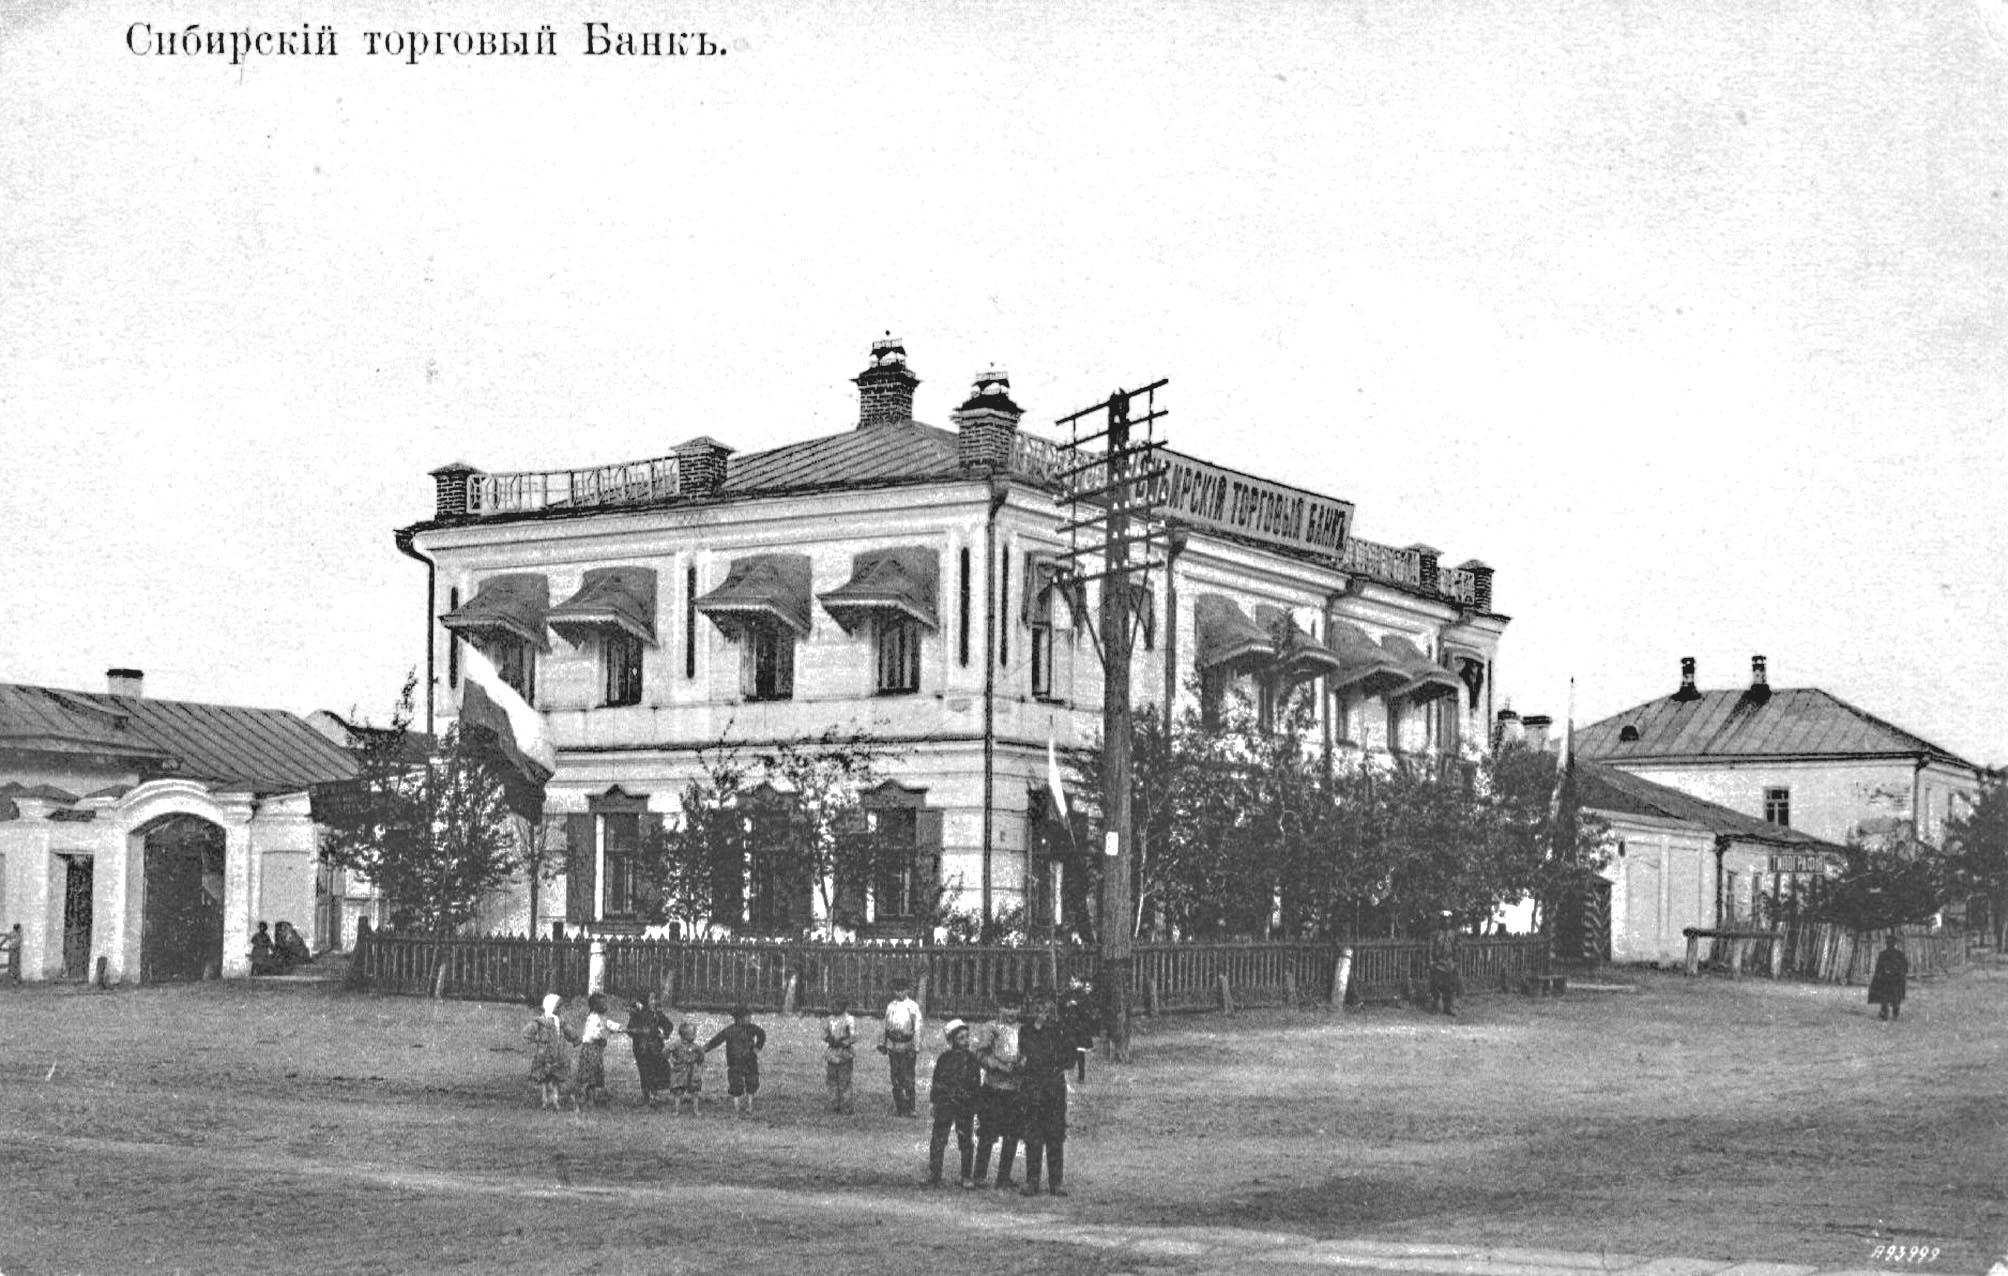 Сибирский торговый банк